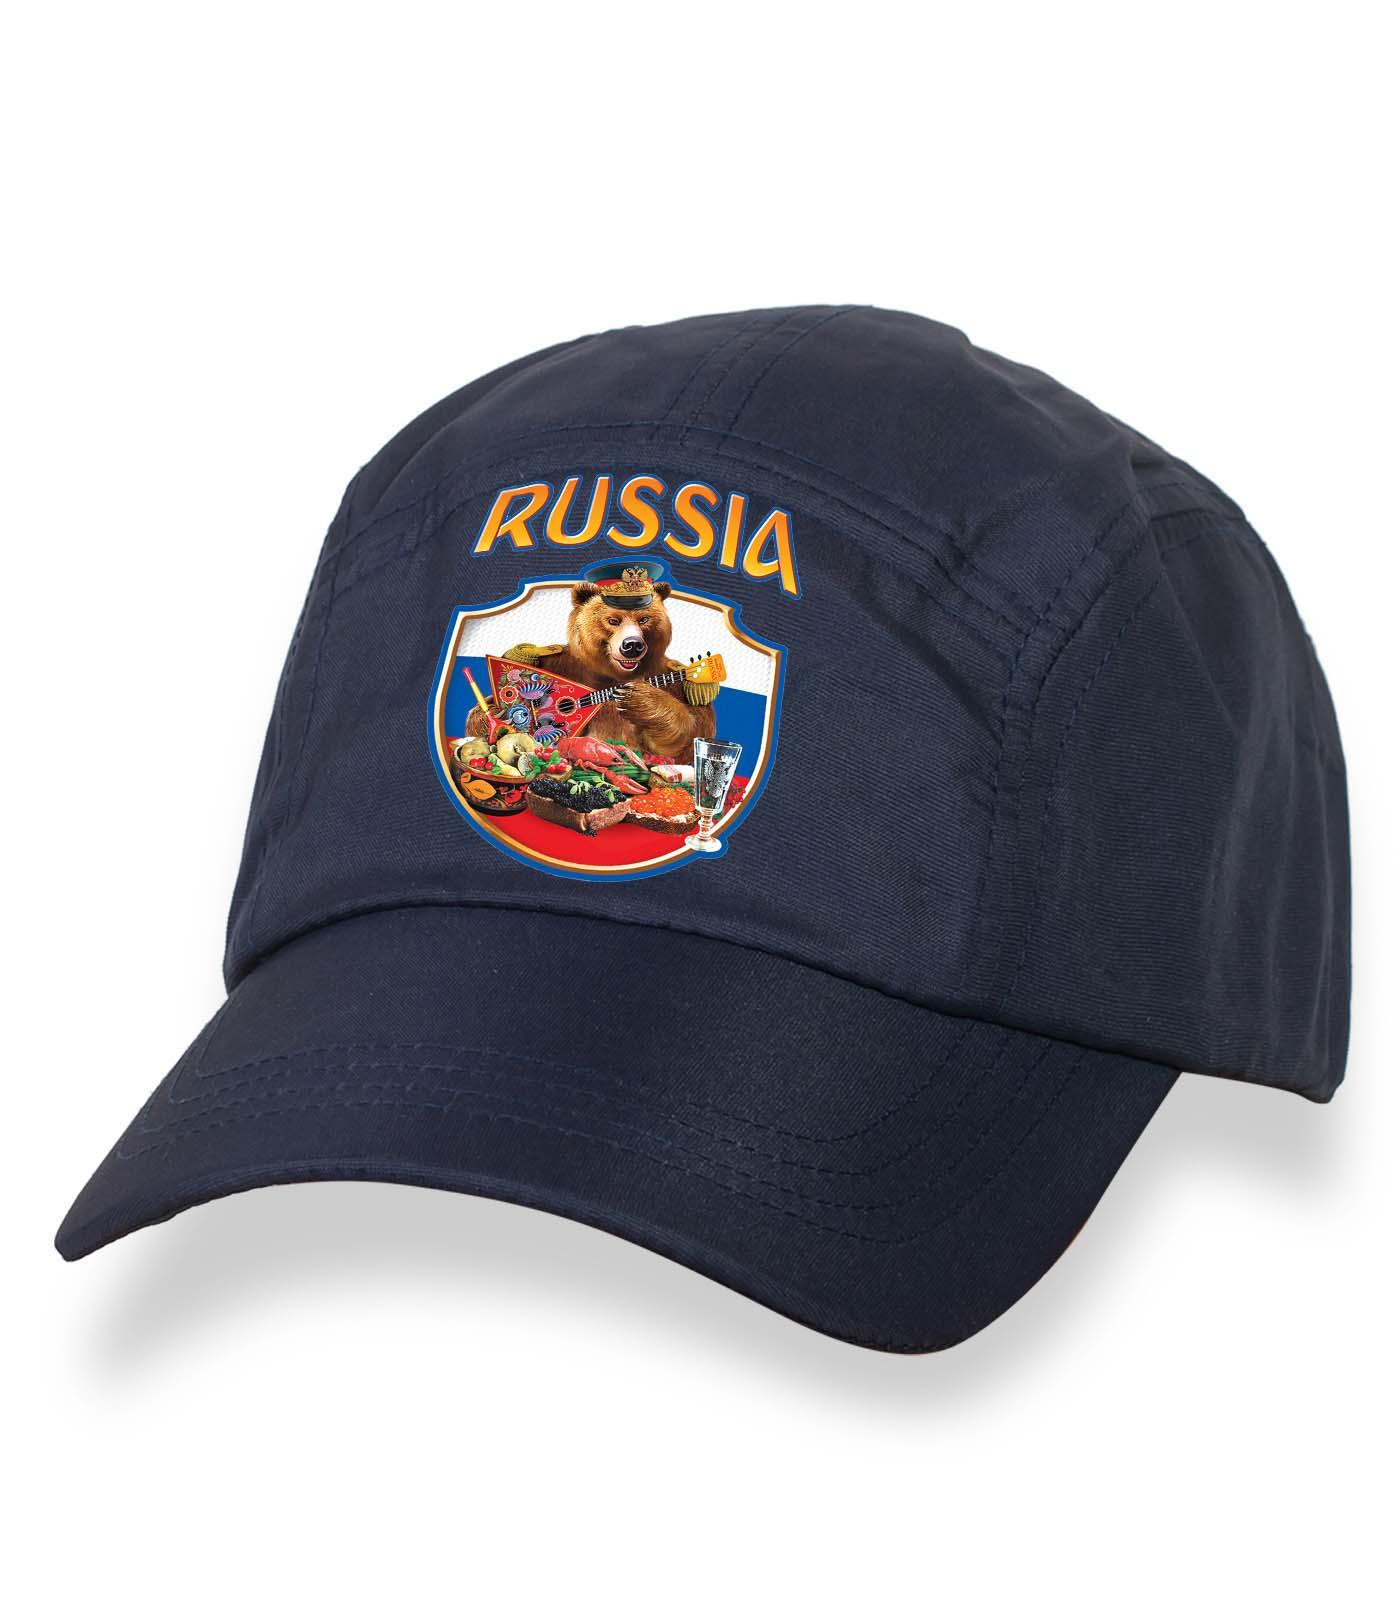 Лучшая темная бейсболка с термонаклейкой Russia